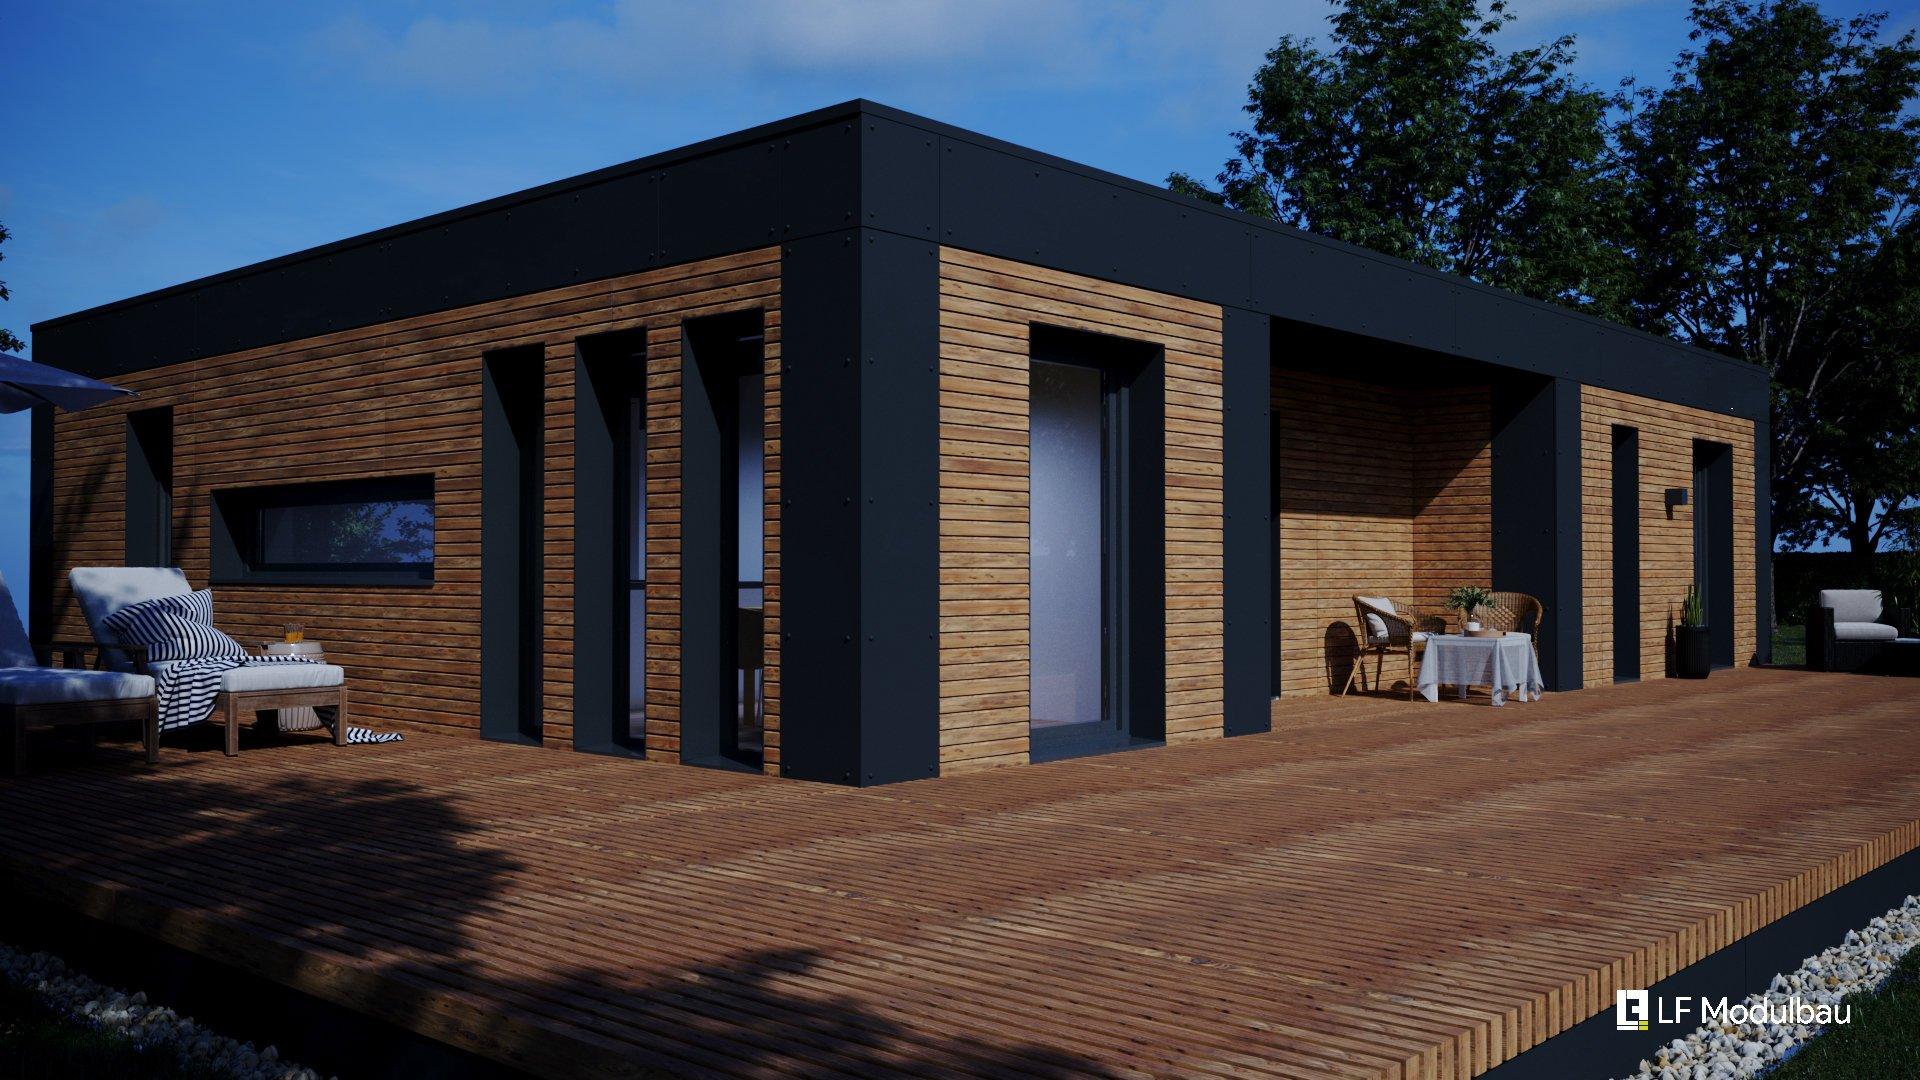 Die Außenansicht unseres Fertighauses in modulbauweise - LF Home III